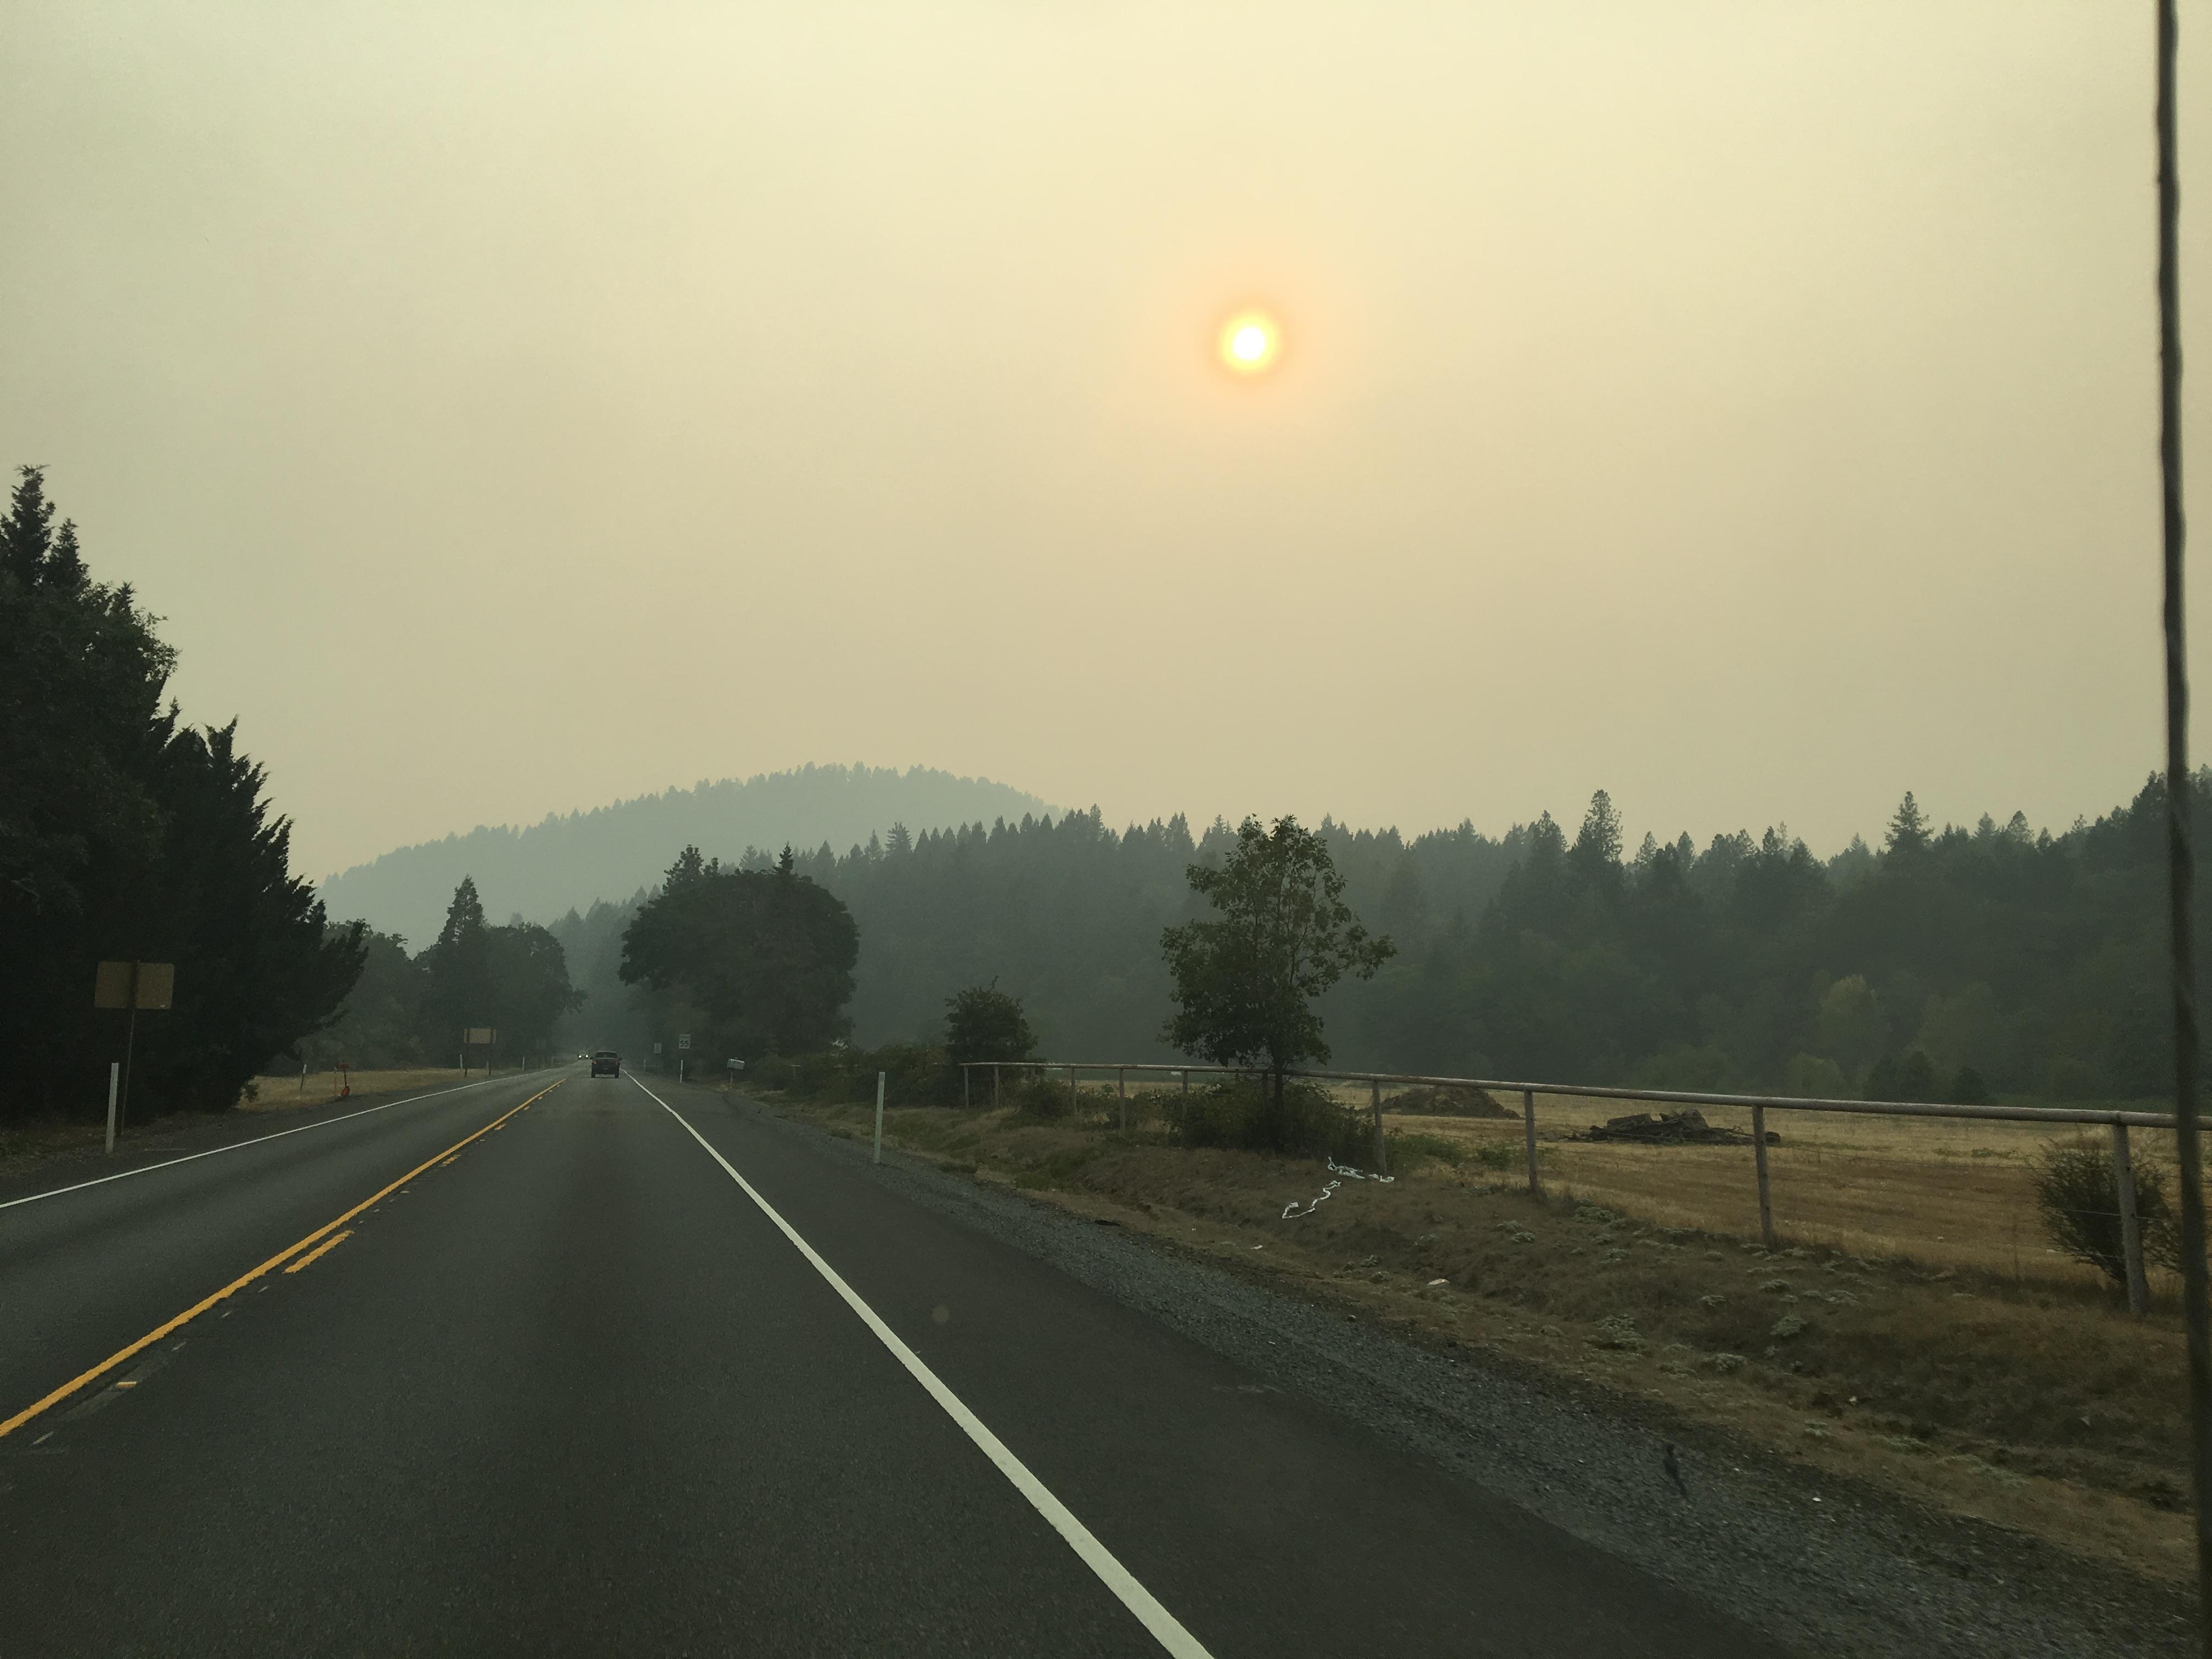 Quand la terre brûle par @BenMonville #Incendies #Réchauffementclimatique #Californie #RiseForClimate